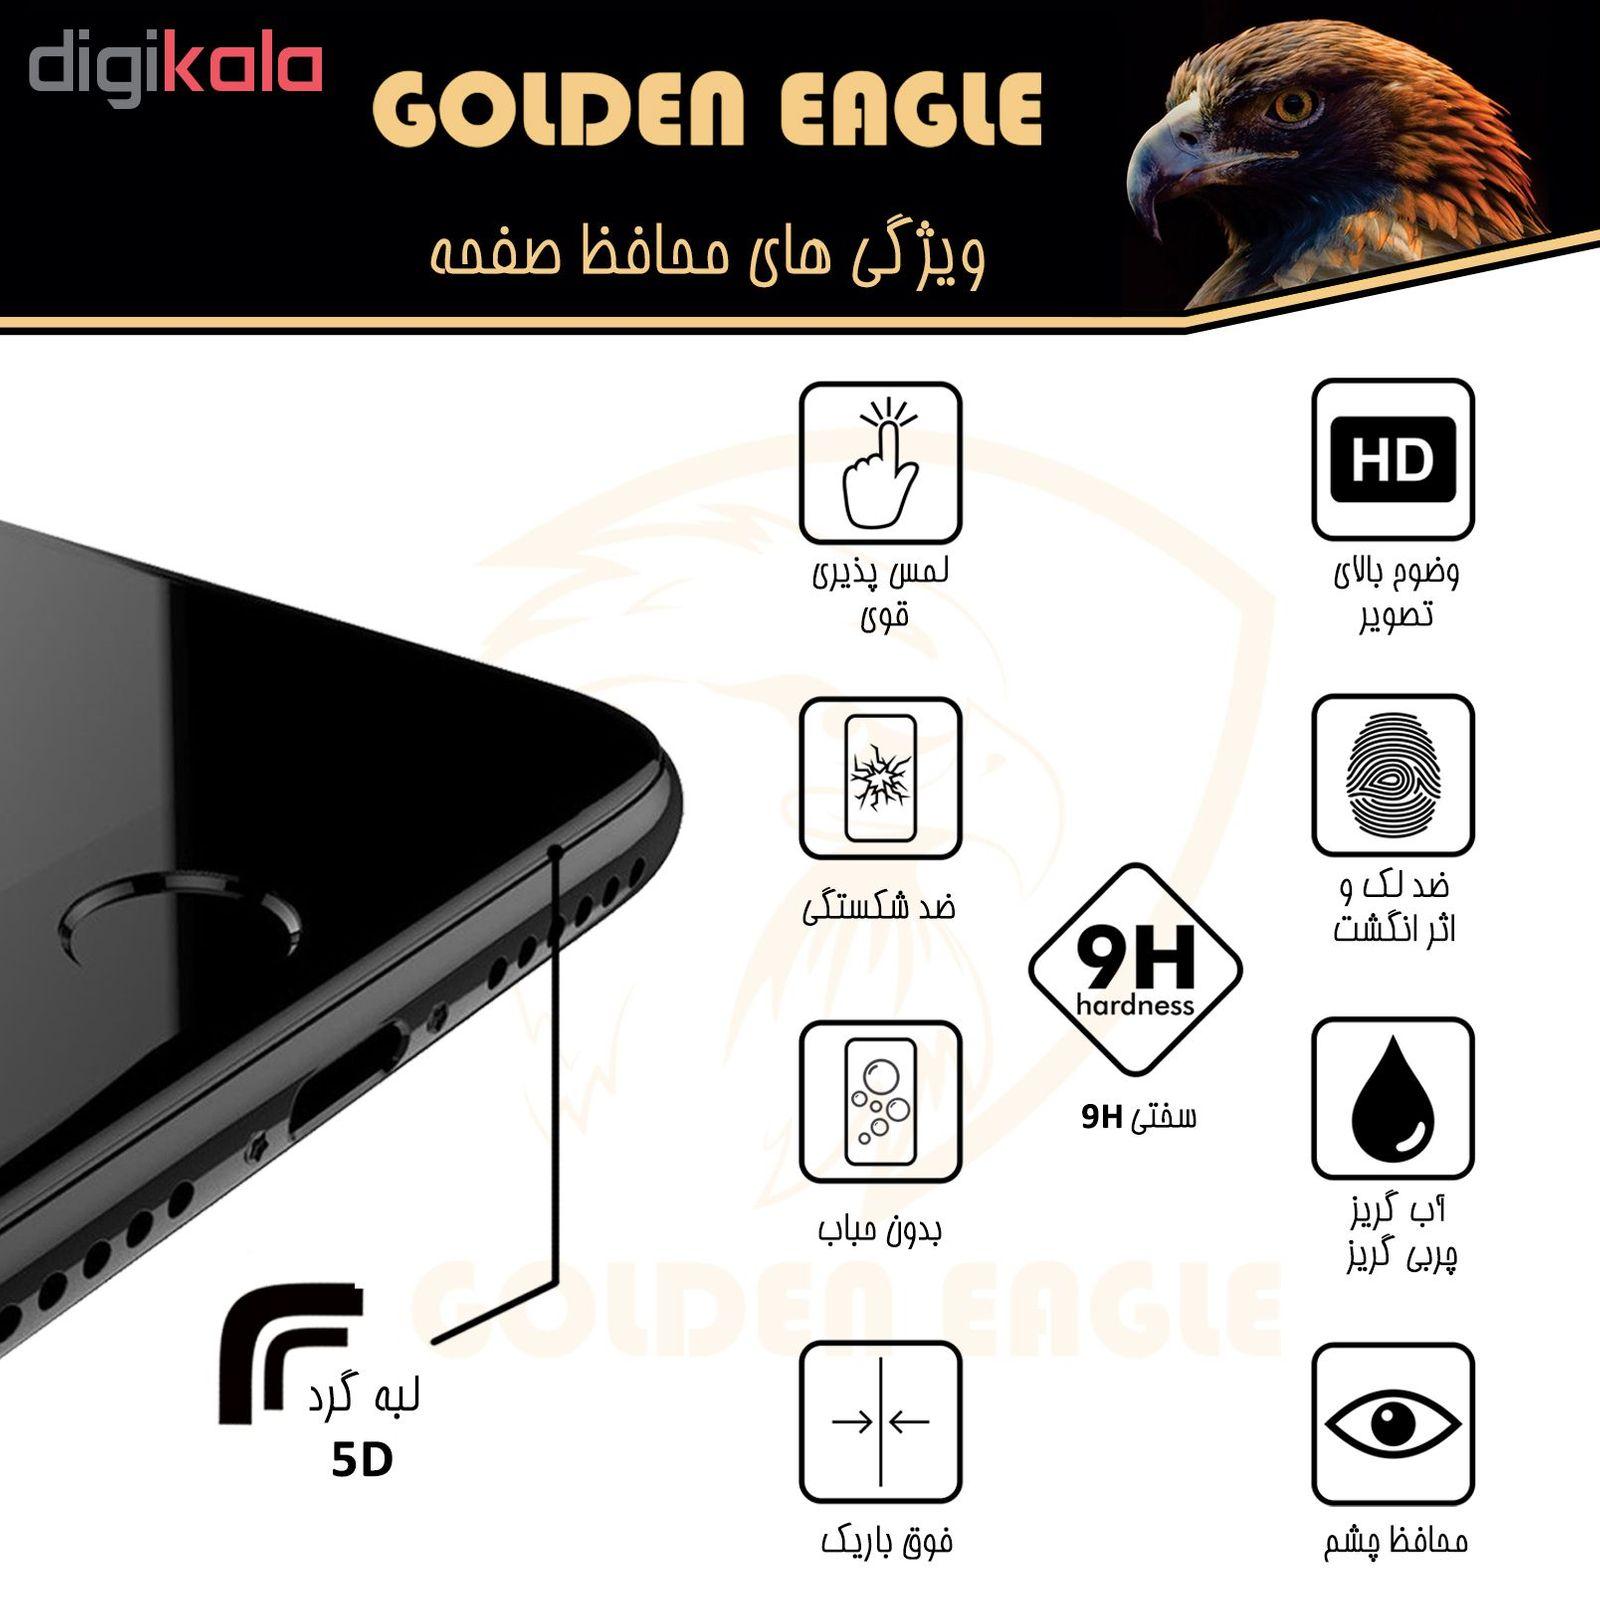 محافظ صفحه نمایش گلدن ایگل مدل DFC-X3 مناسب برای گوشی موبایل سامسونگ Galaxy M20 بسته سه عددی main 1 3